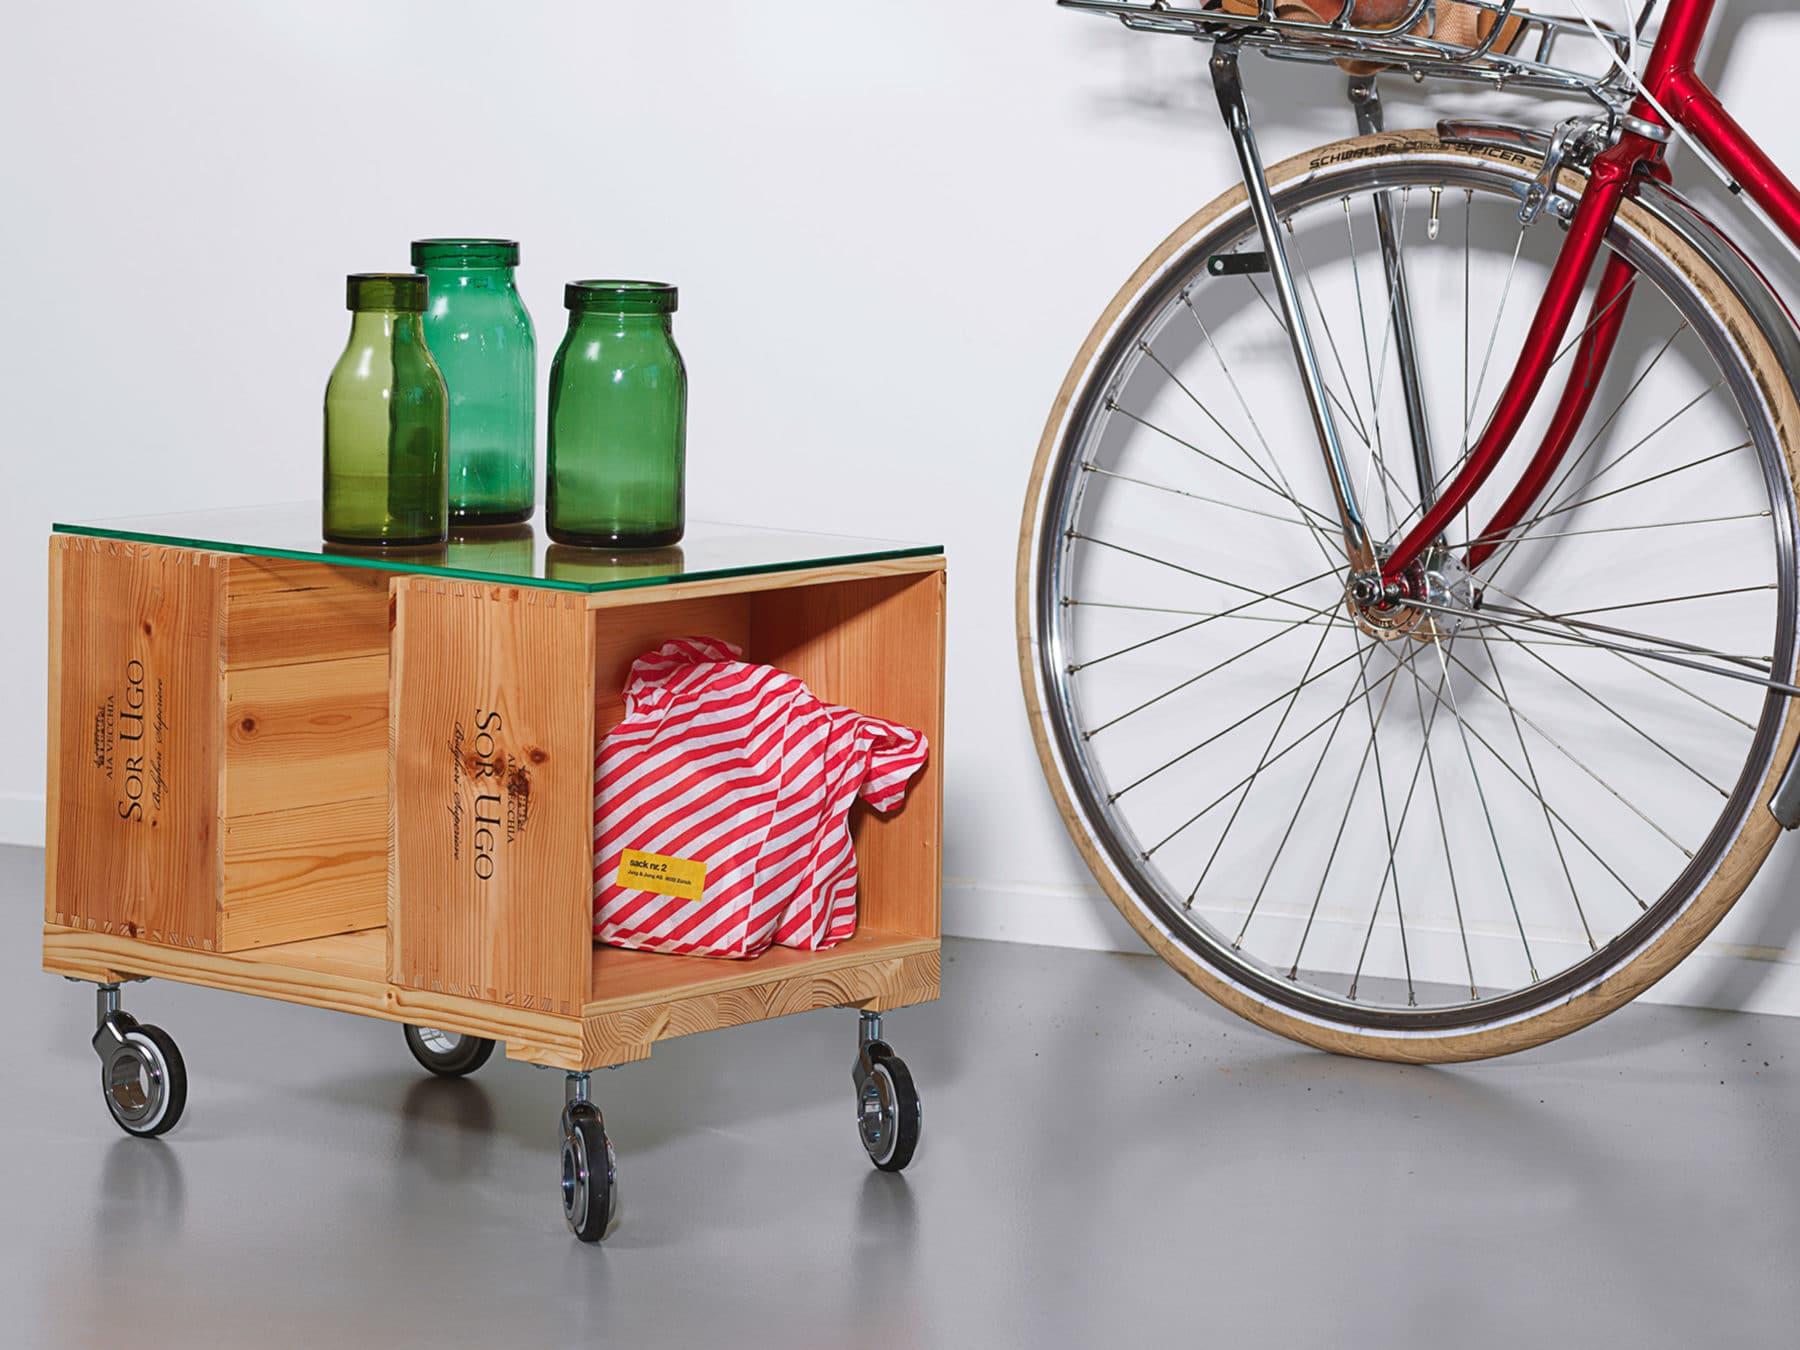 Uniqamo Beistelltisch Rollen Classic 6 gebrauchte Weinkisten Upcycling Moodbild